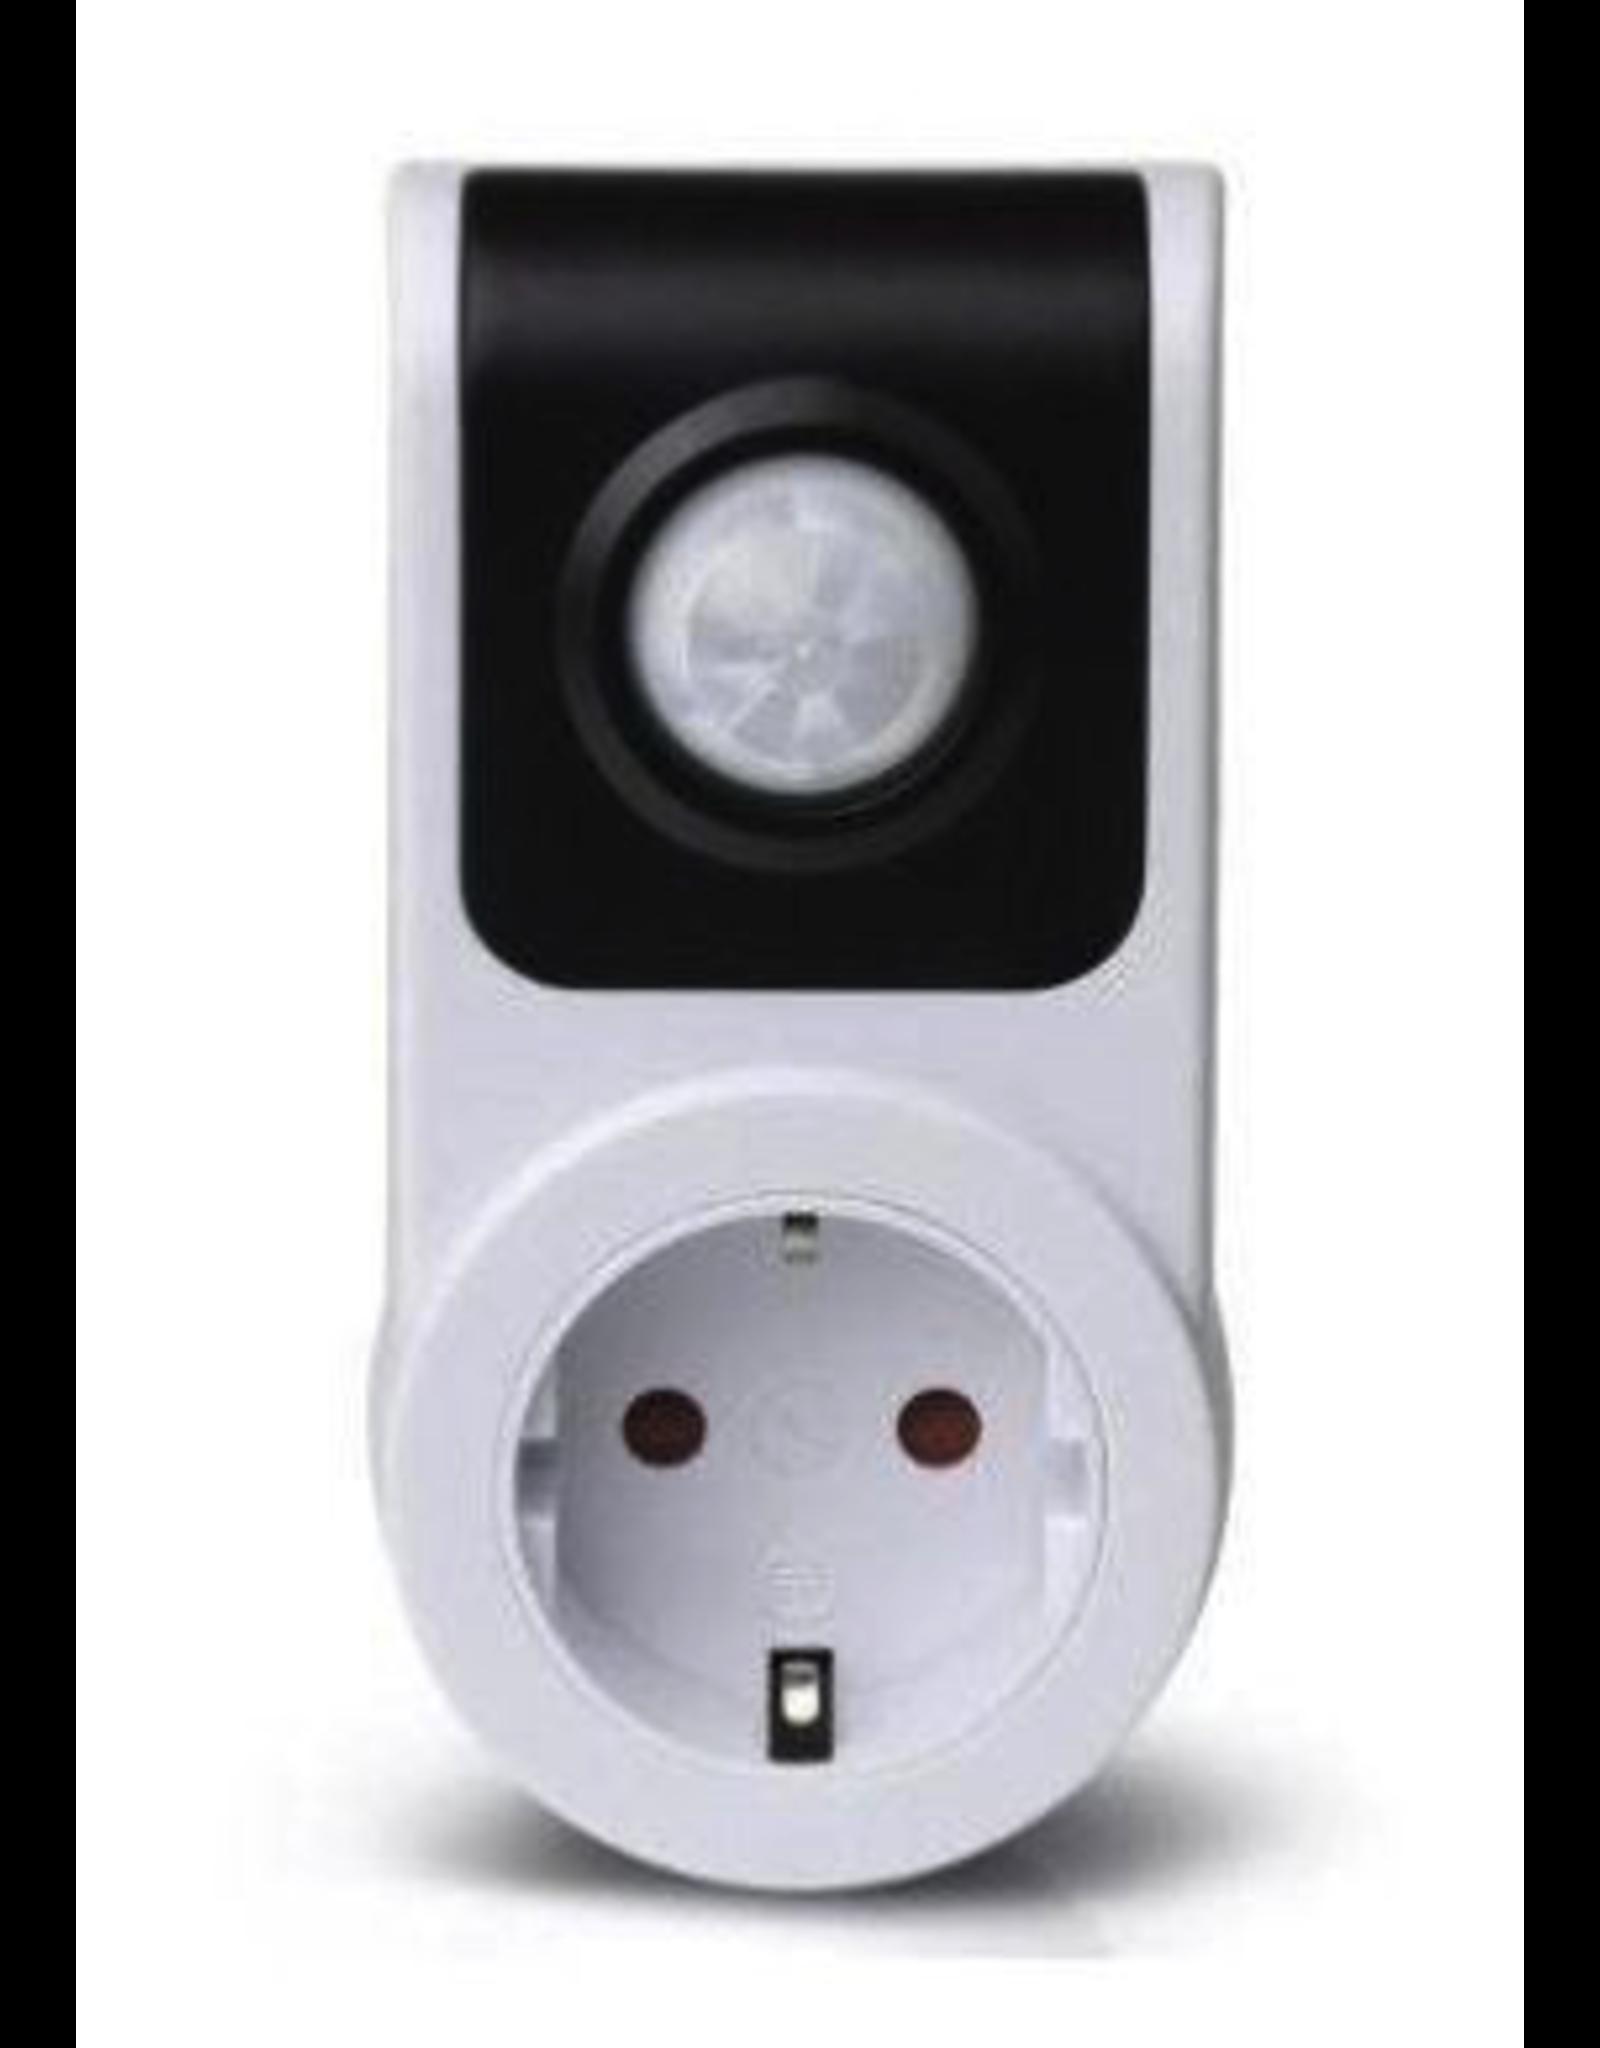 Doorvoerstekker met sensor